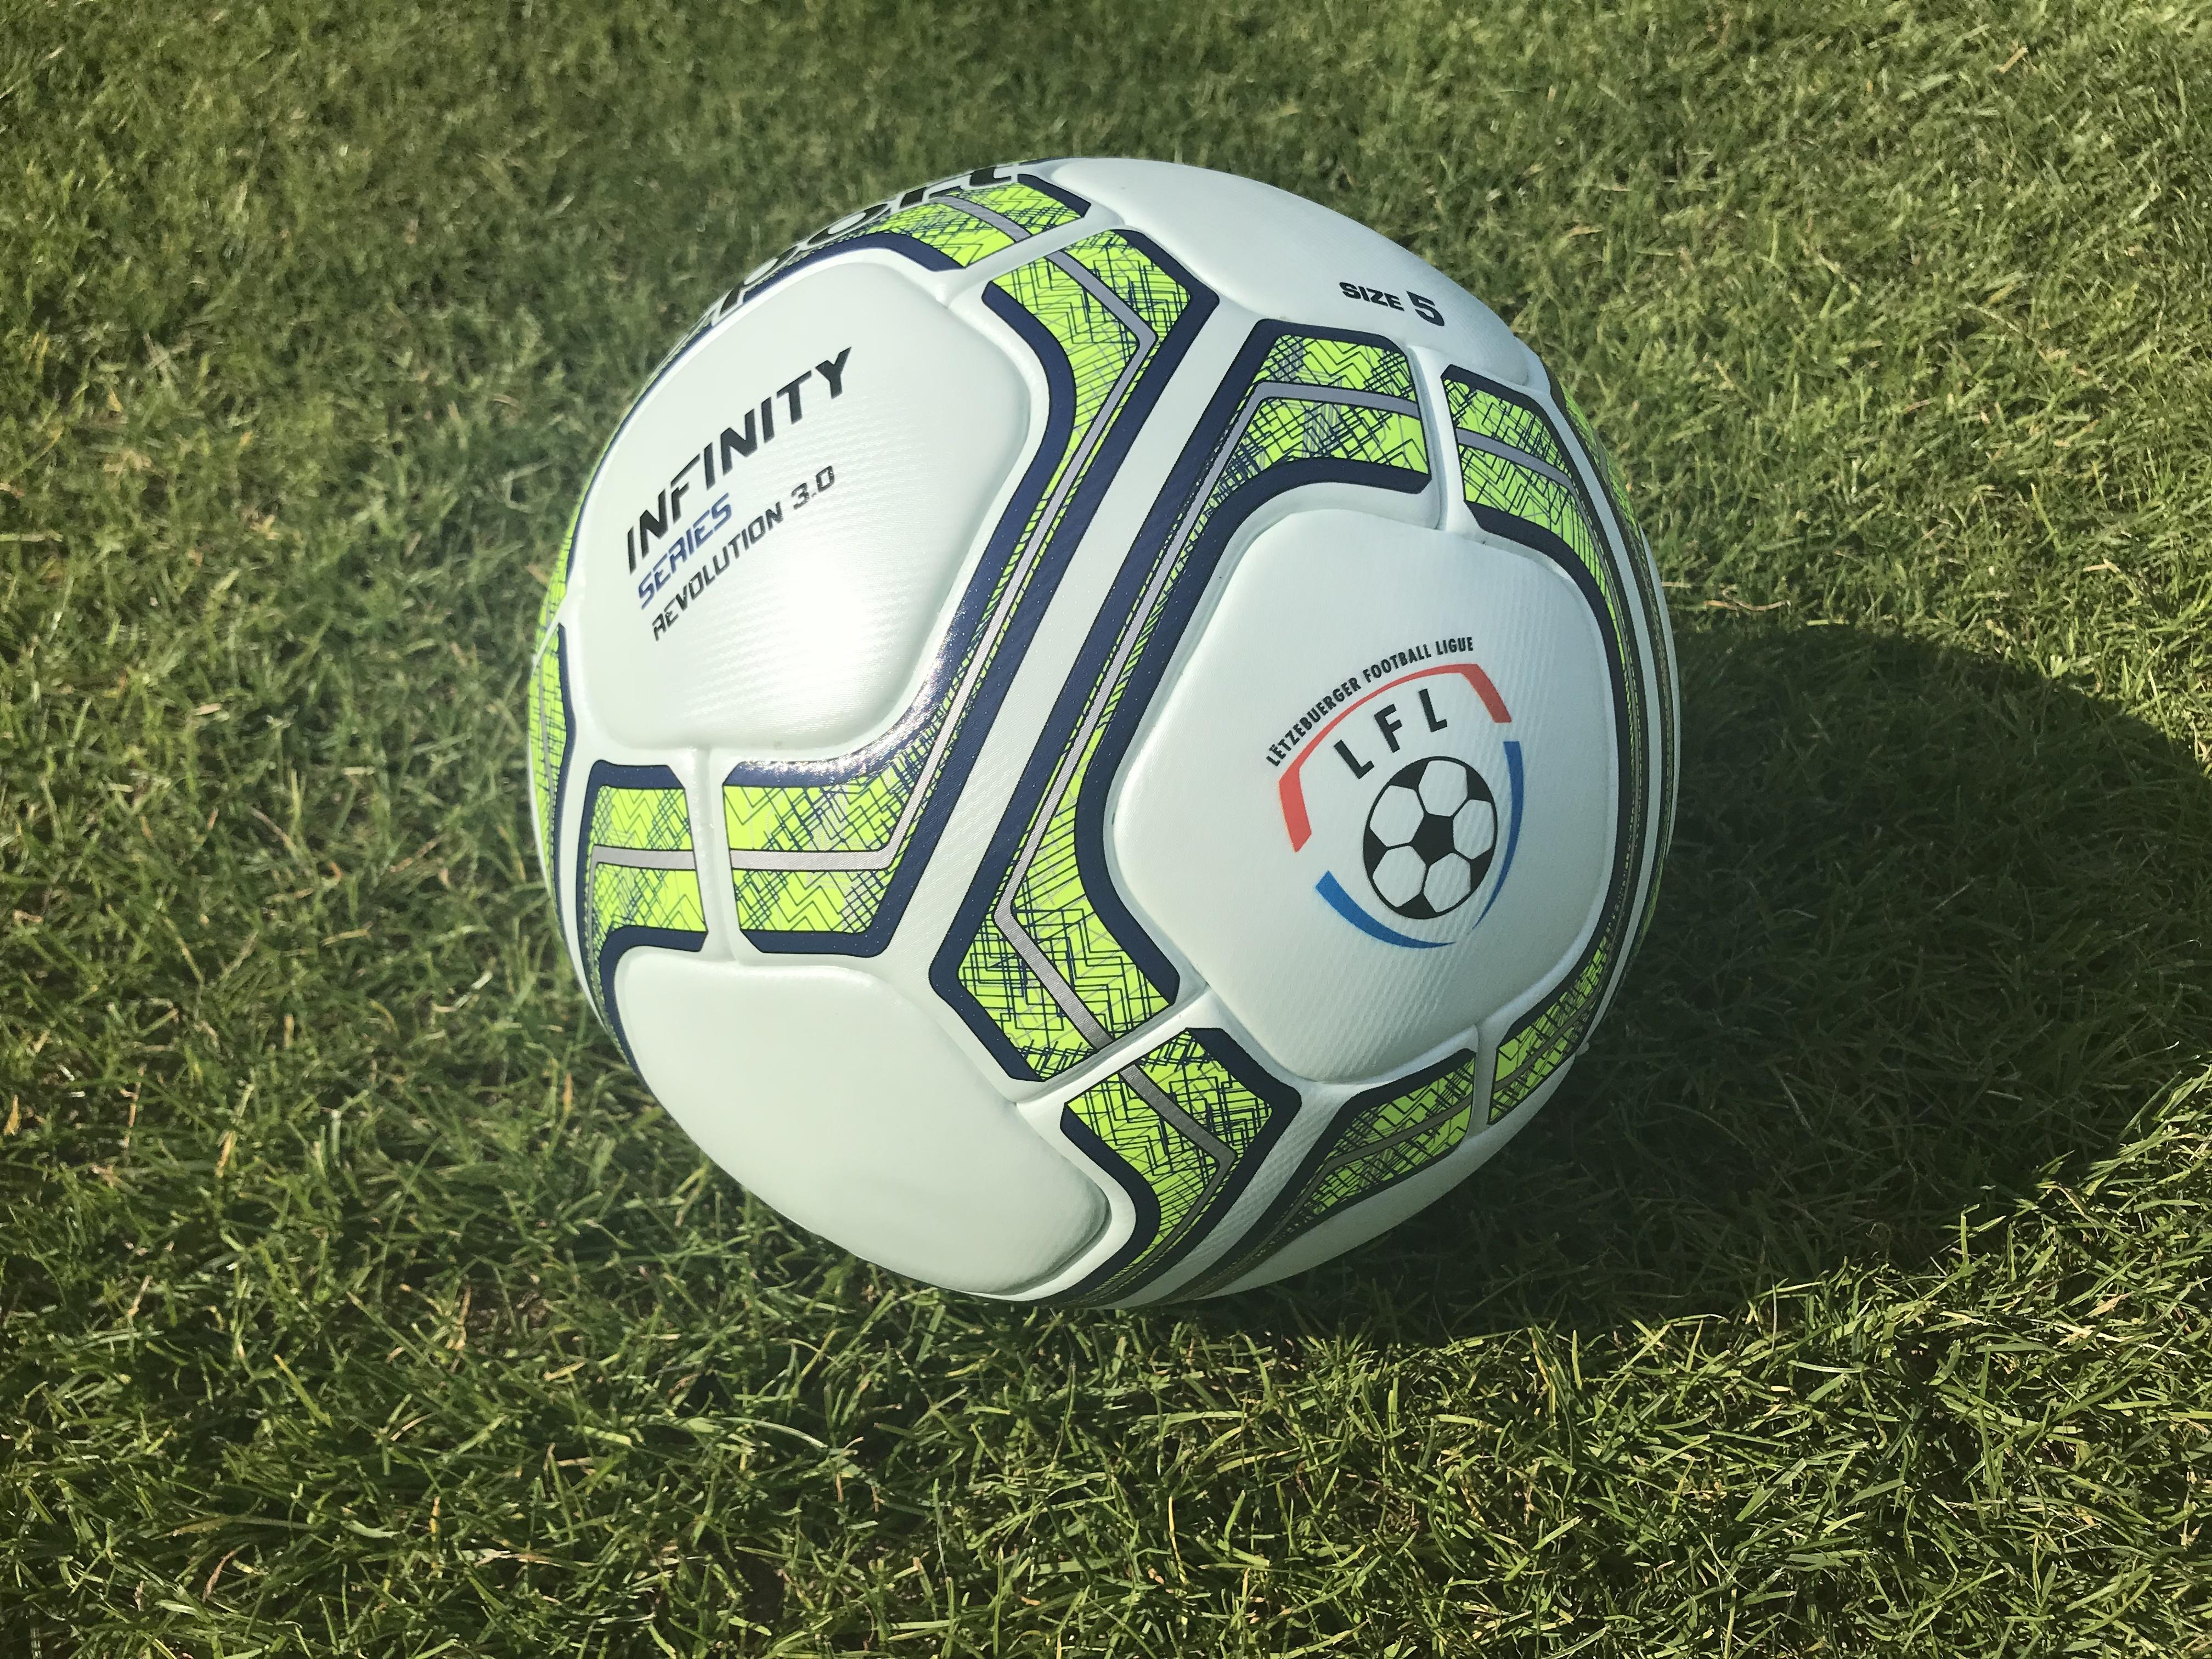 De Ball fir di nei Saison ass do